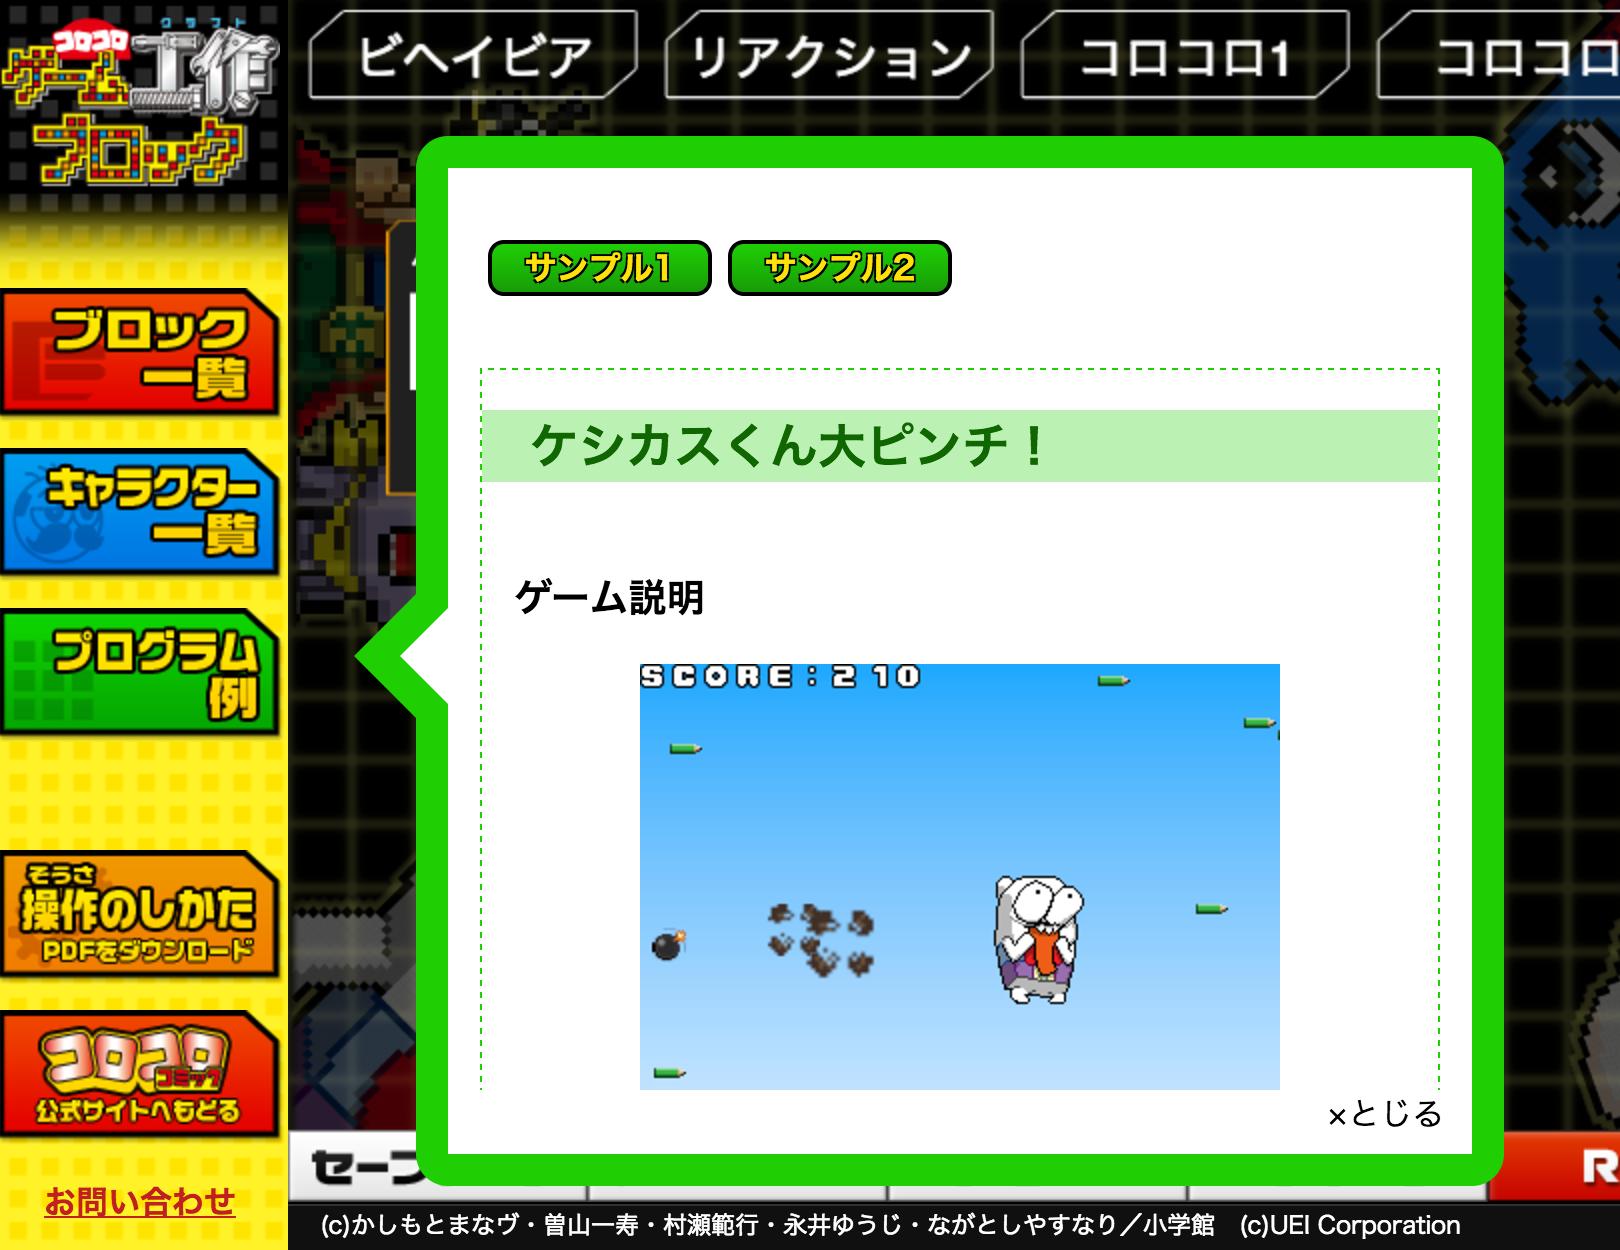 ゲームで学ぶプログラミング画像7 プログラミング ゲーム感覚